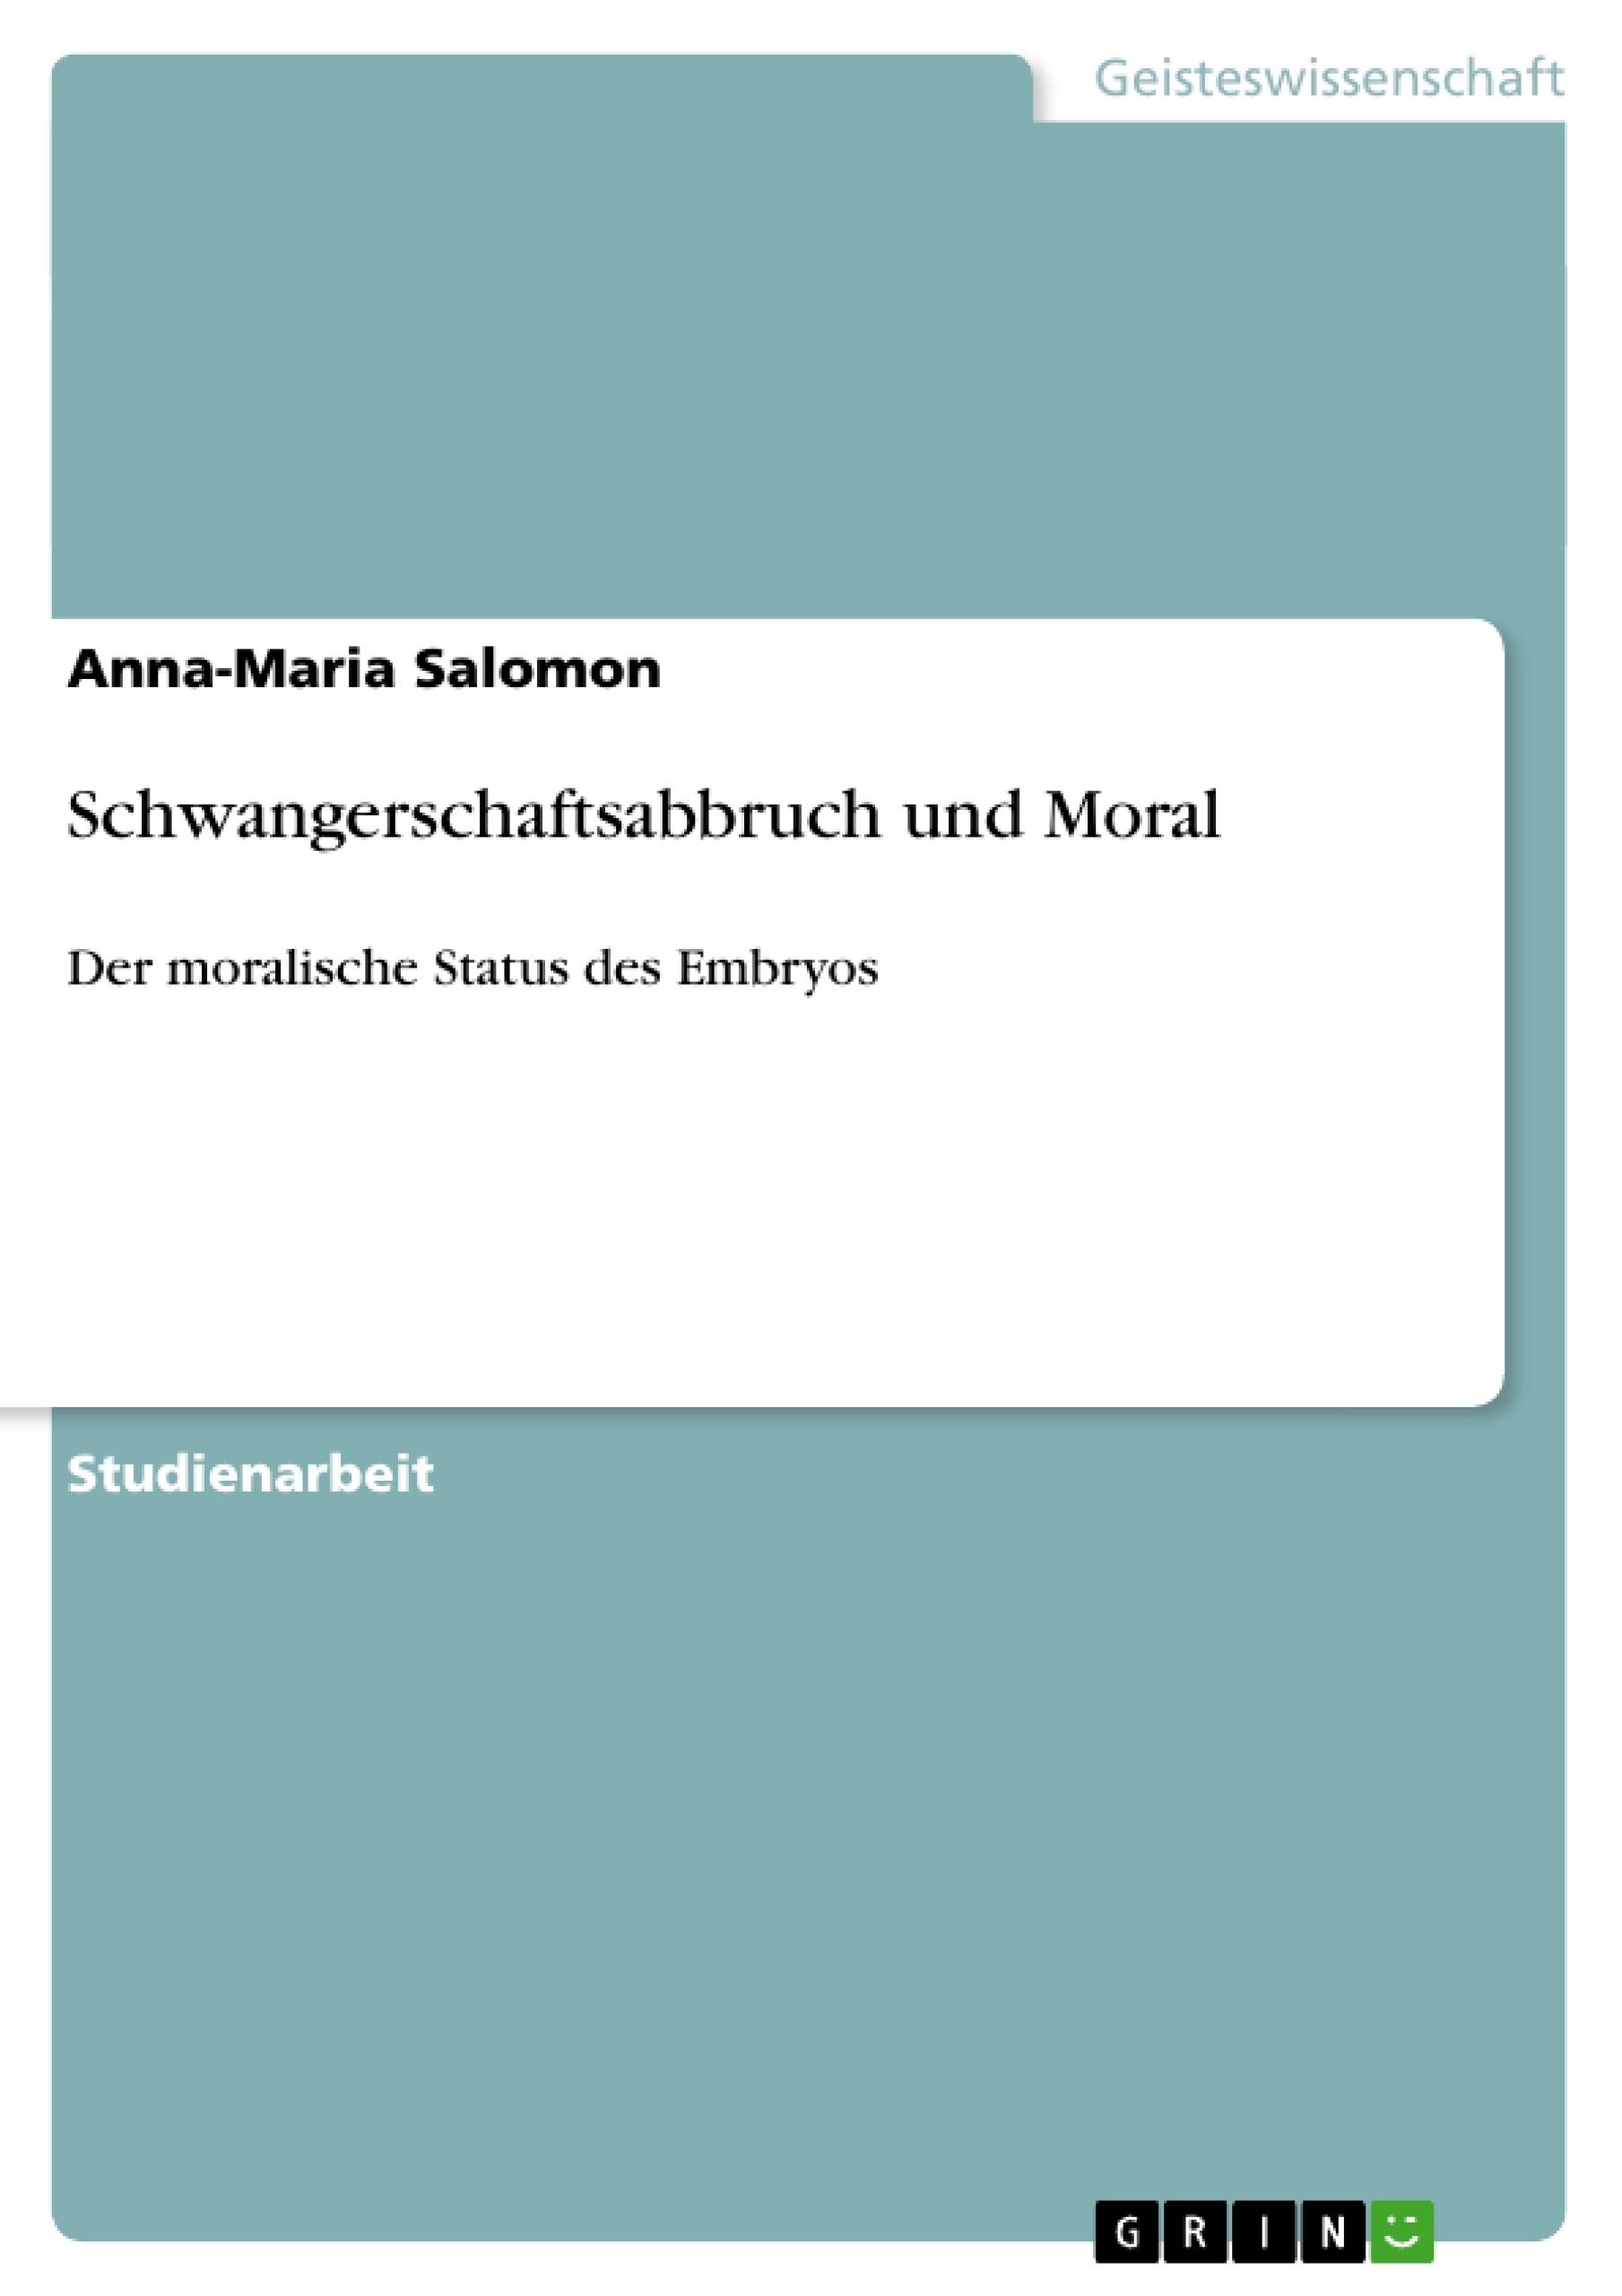 Titel: Schwangerschaftsabbruch und Moral